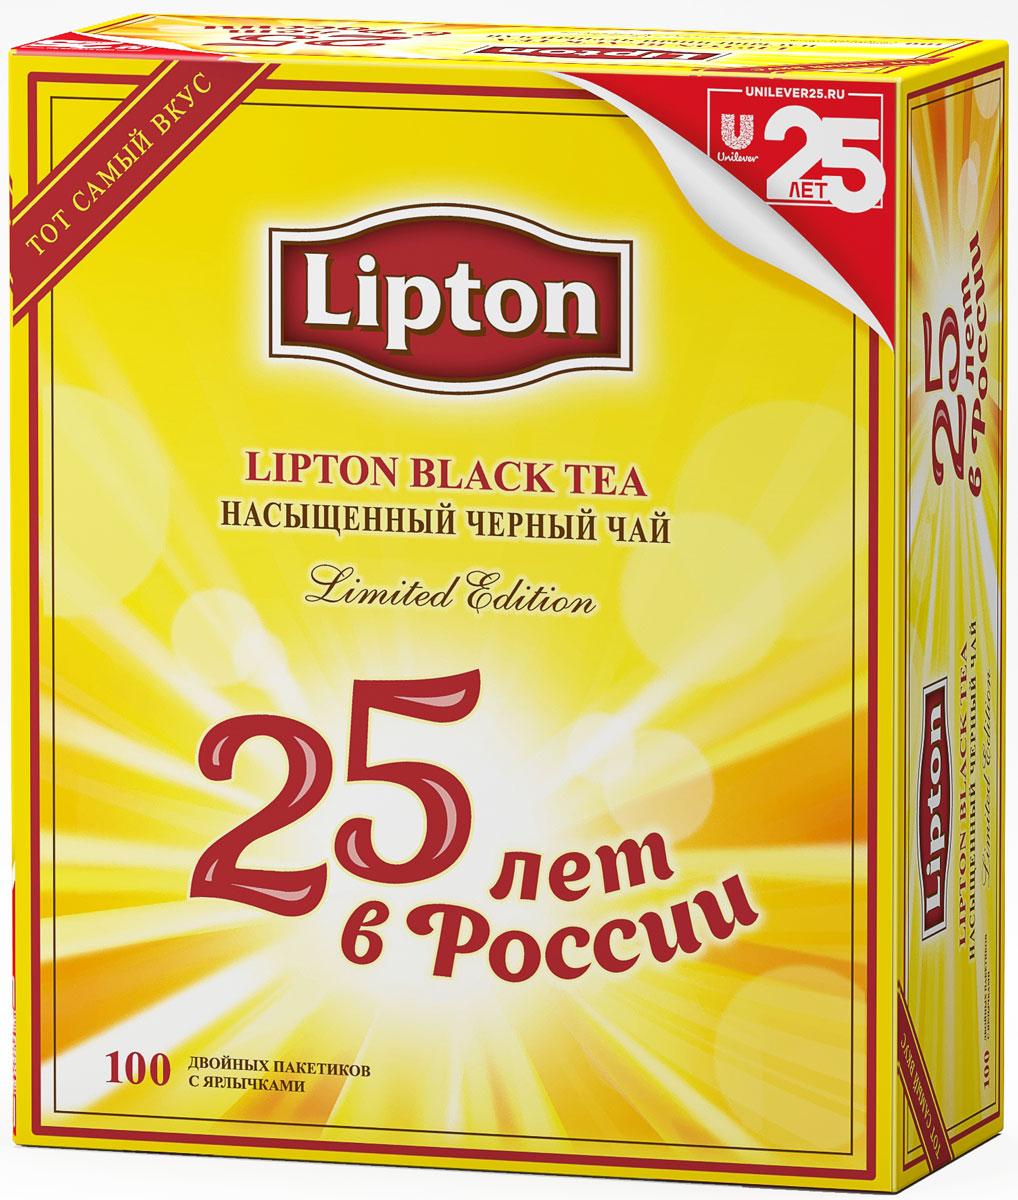 Lipton черный чай юбилейный 25 лет в пакетиках, 100 шт